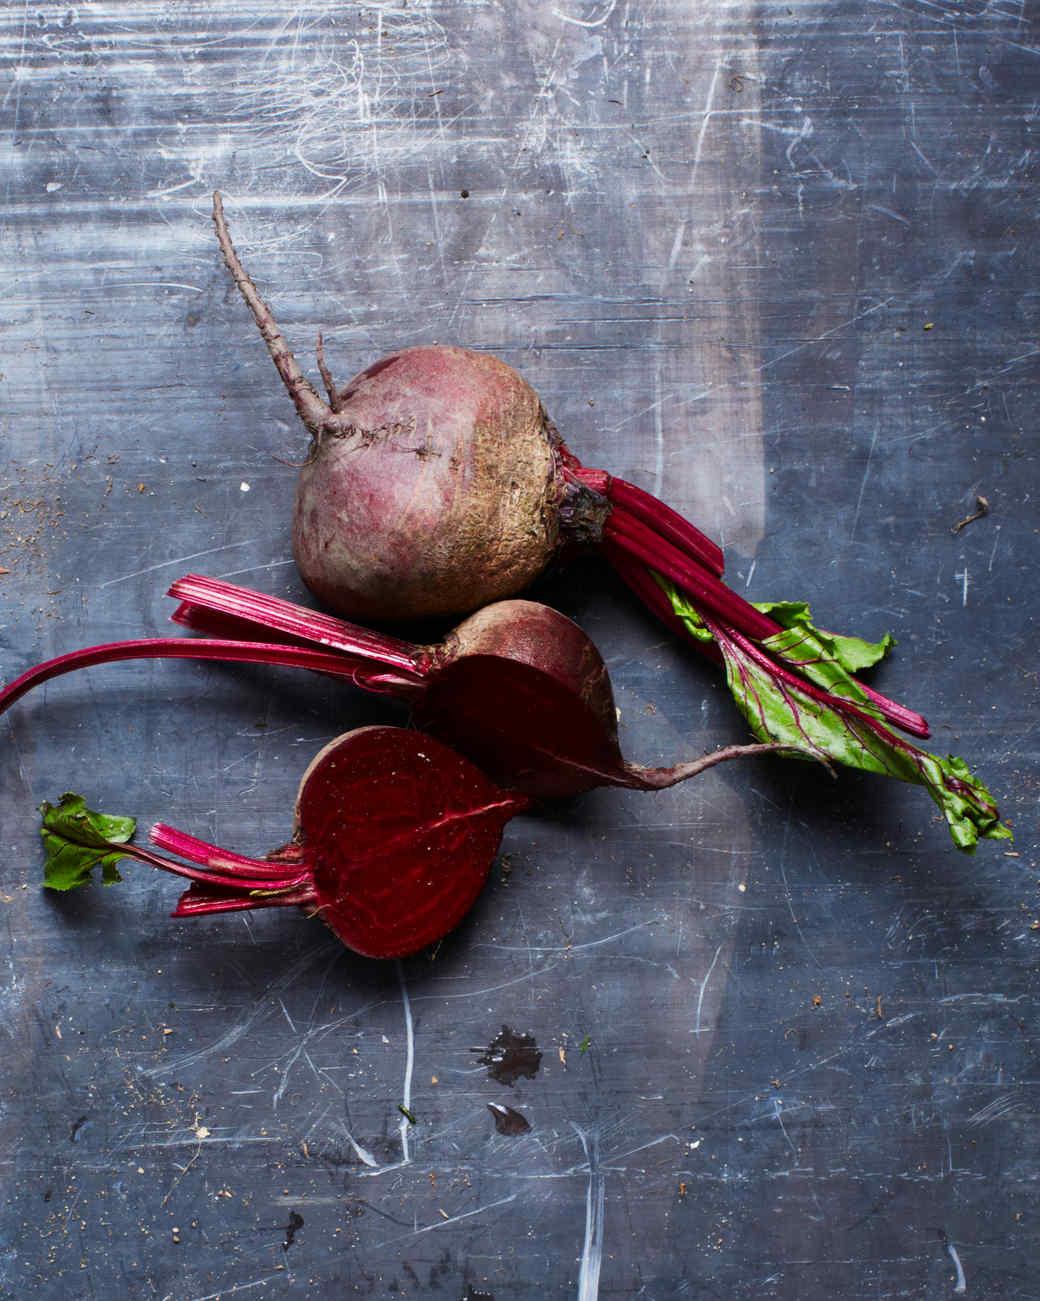 beet-roots-tubers-216-d110486.jpg